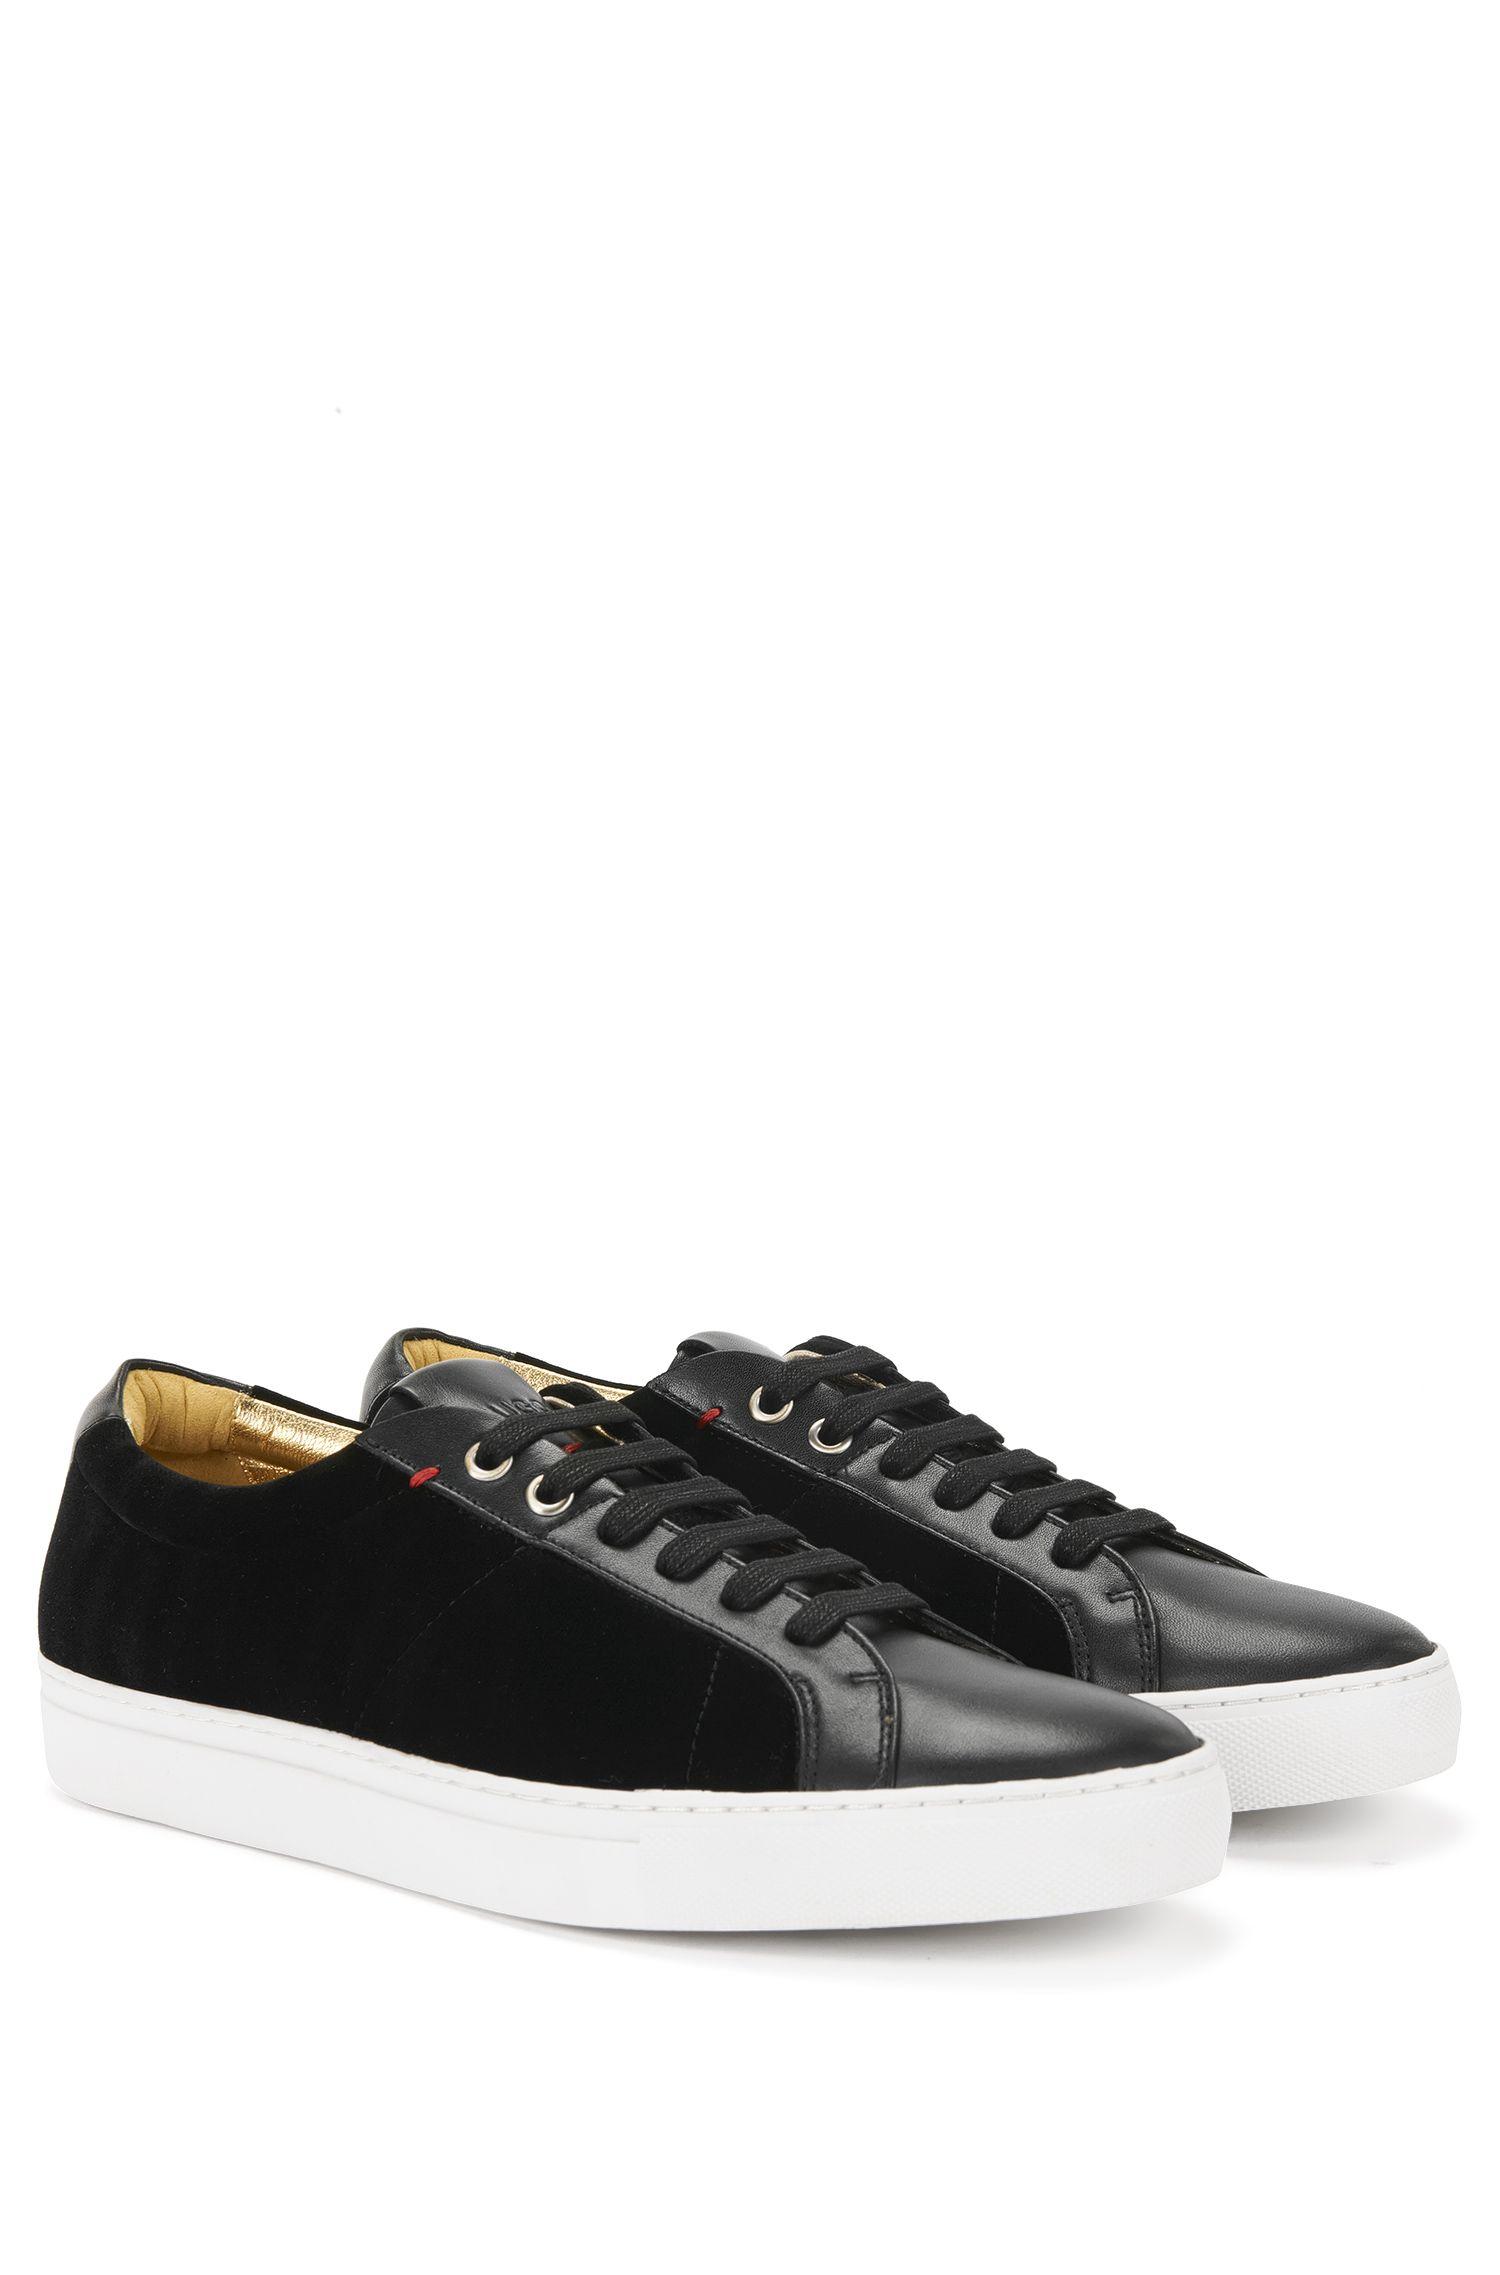 'Fullow' | Velvet Leather Sneakers